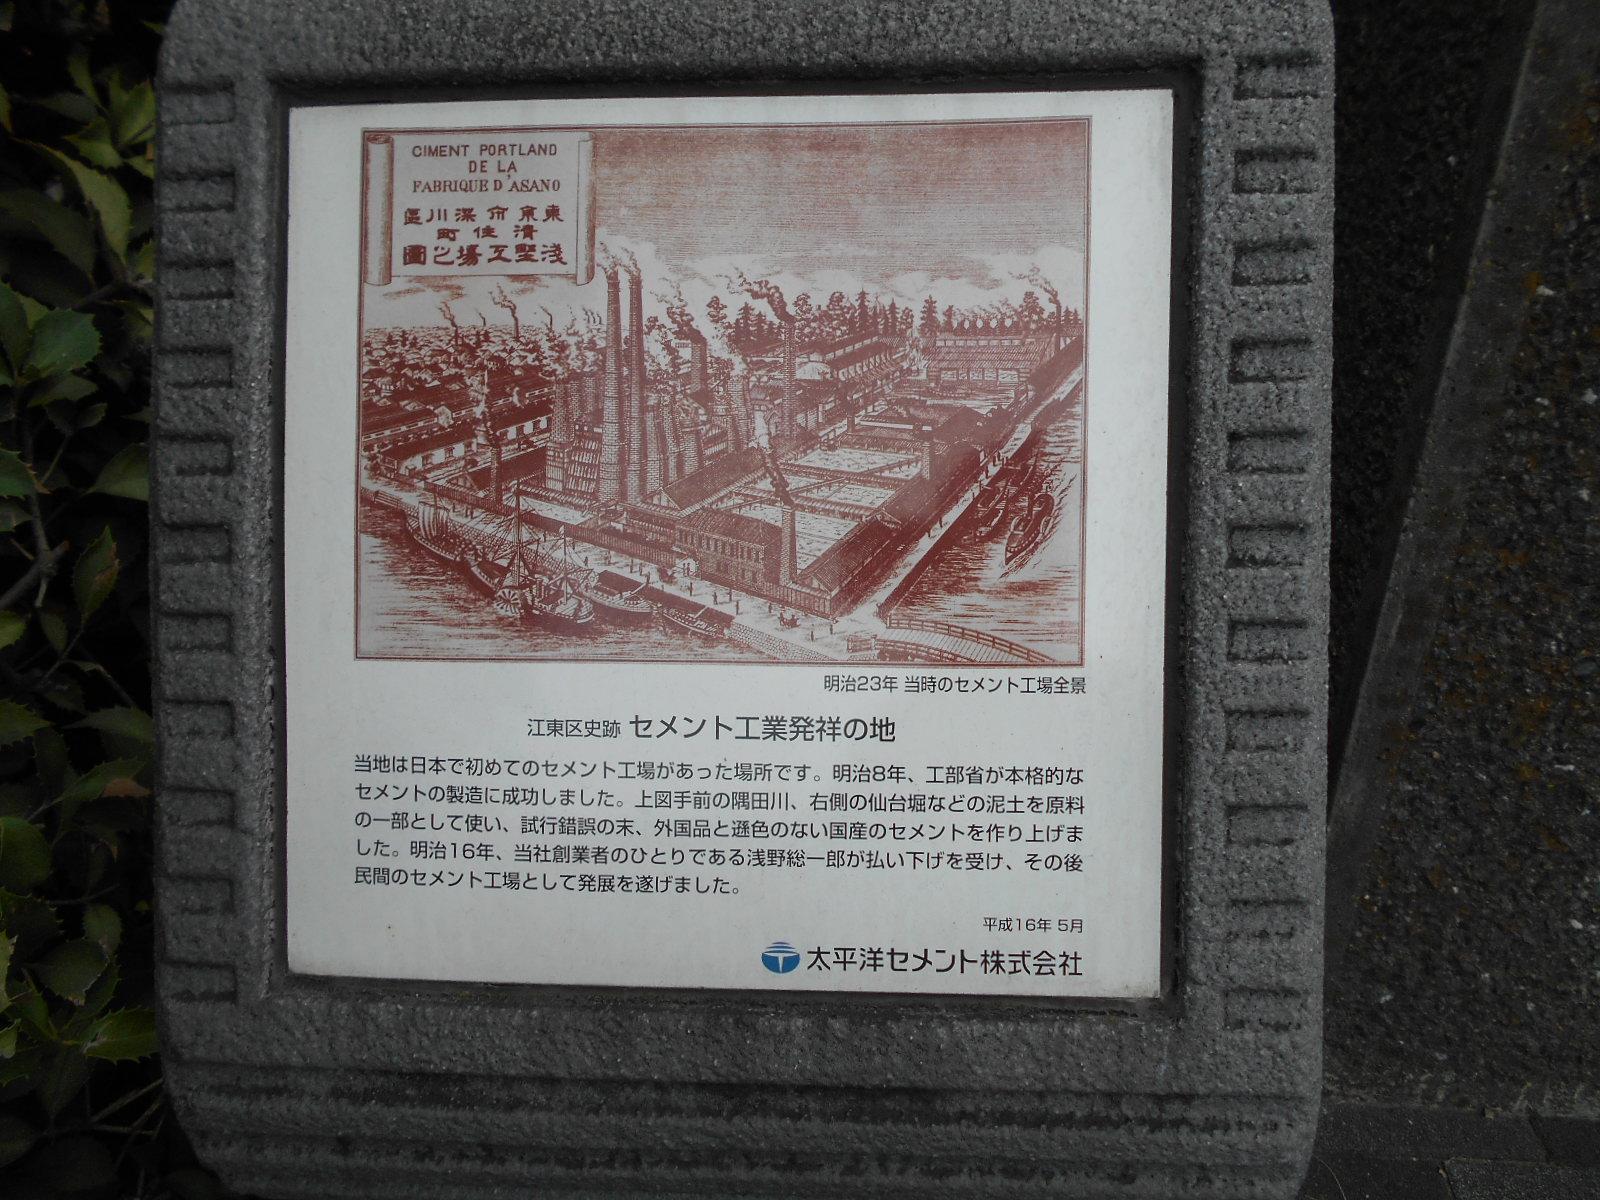 日本のセメント工業発祥の地レリーフ